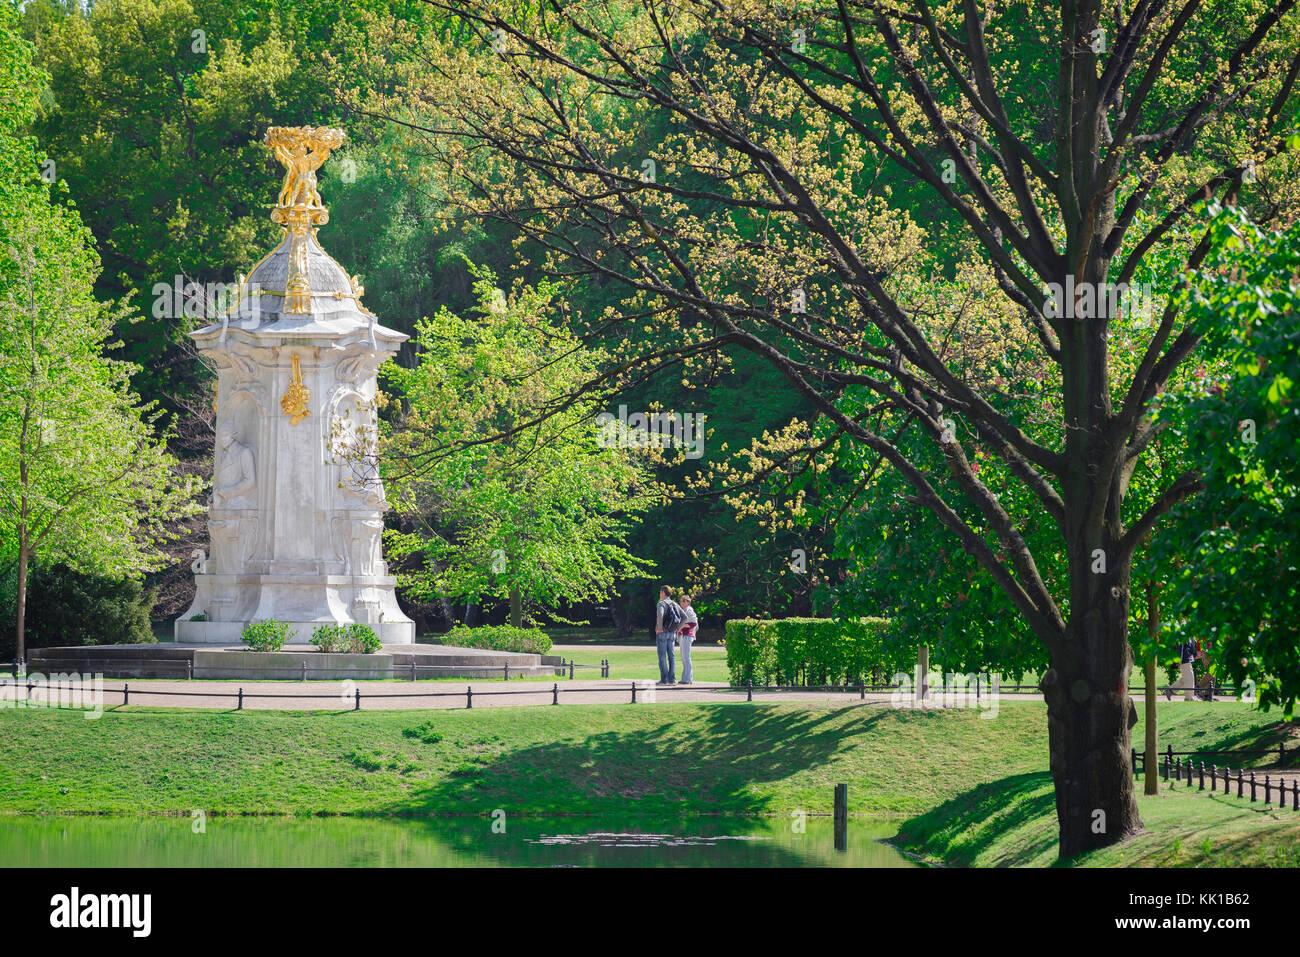 Tiergarten Berlin, tourists pause to study the Beethoven-Haydn-Mozart monument in the Tiergarten park in Berlin, - Stock Image